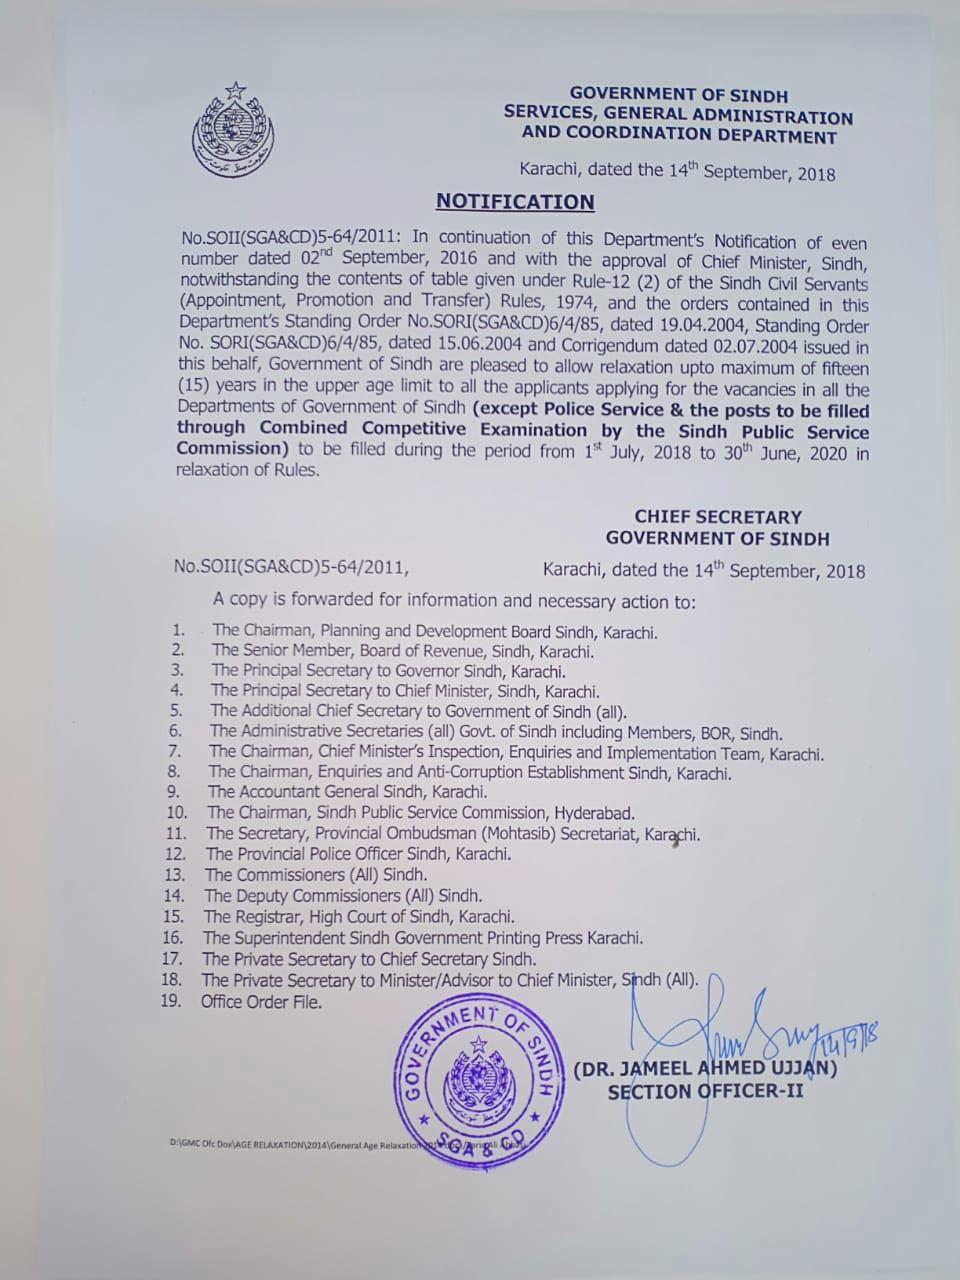 سندھ کے محکمہ سروسز، جنرل ایڈمنسٹریشن اینڈ کوآڈینیشن کا جاری نوٹیفکیشن — فوٹو: امتیاز علی